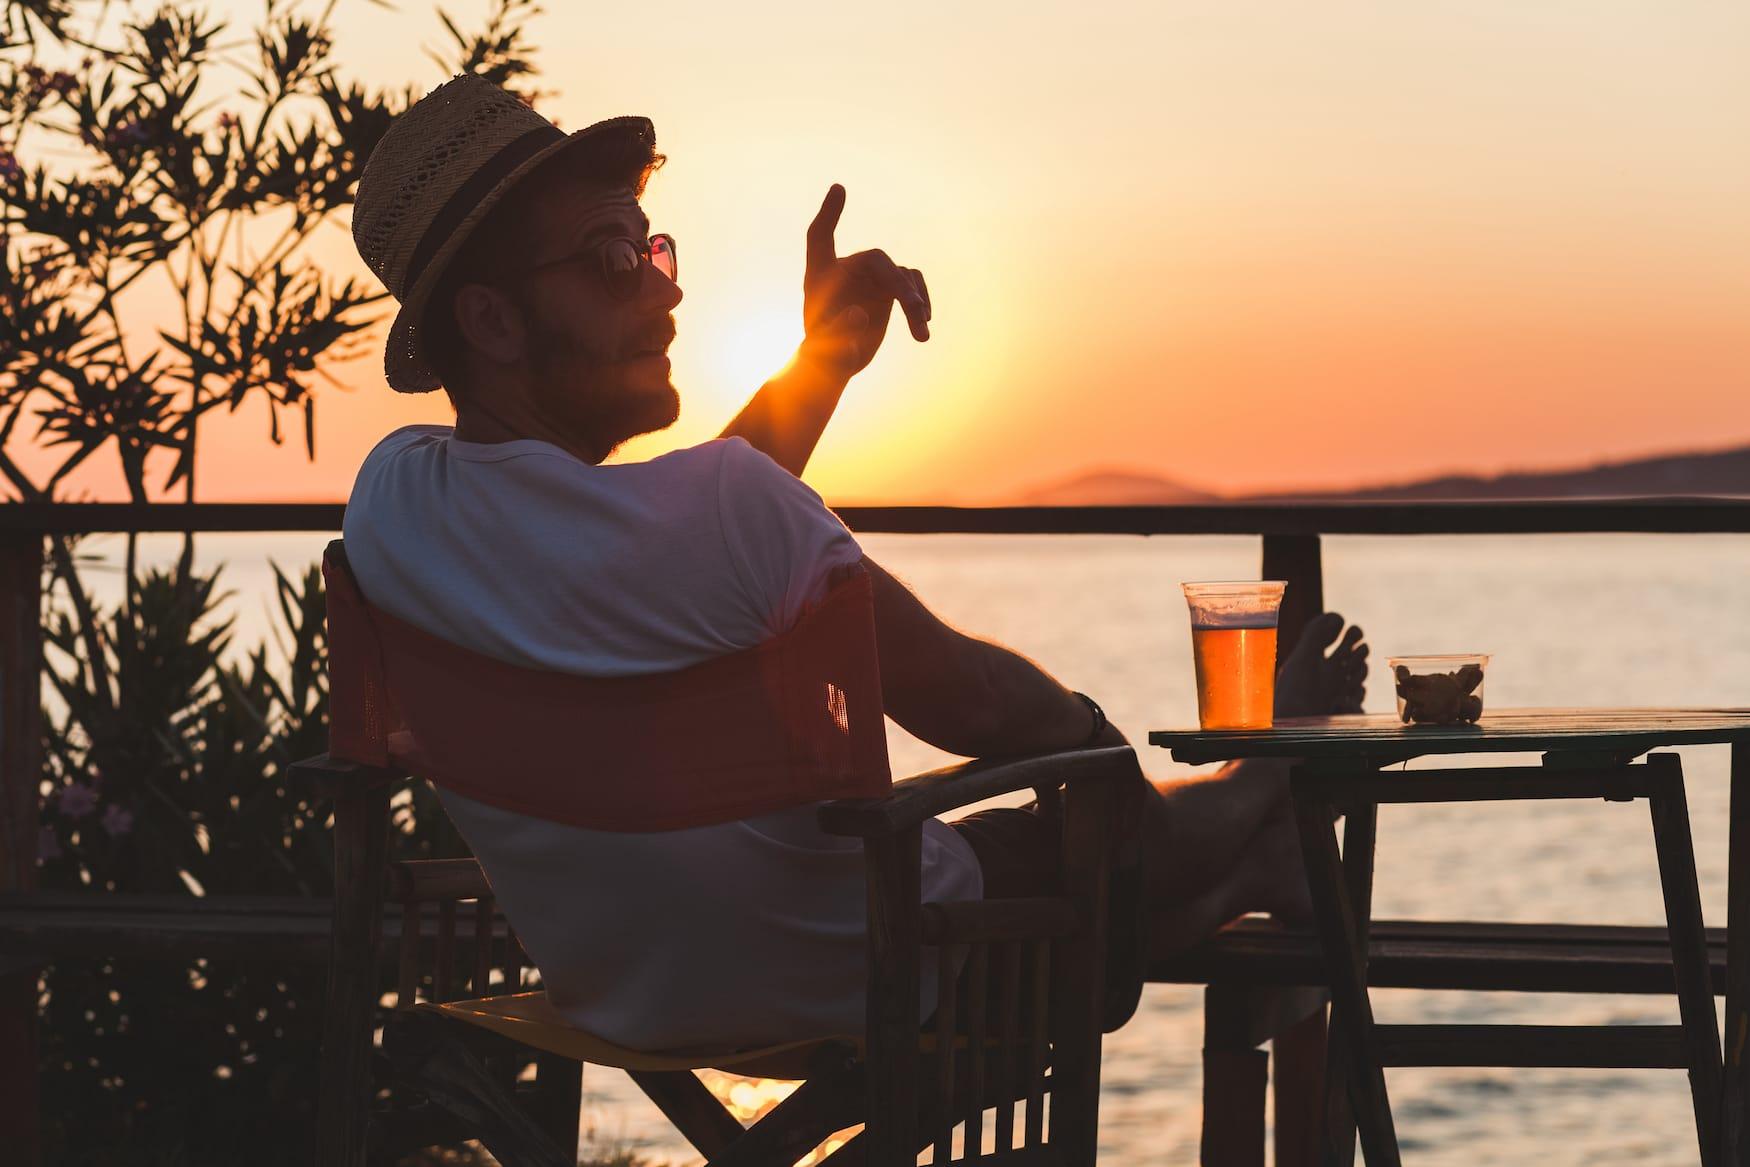 Griechenland-Knigge: Im Restaurant solltet ihr besser nicht einfach so den Finger heben